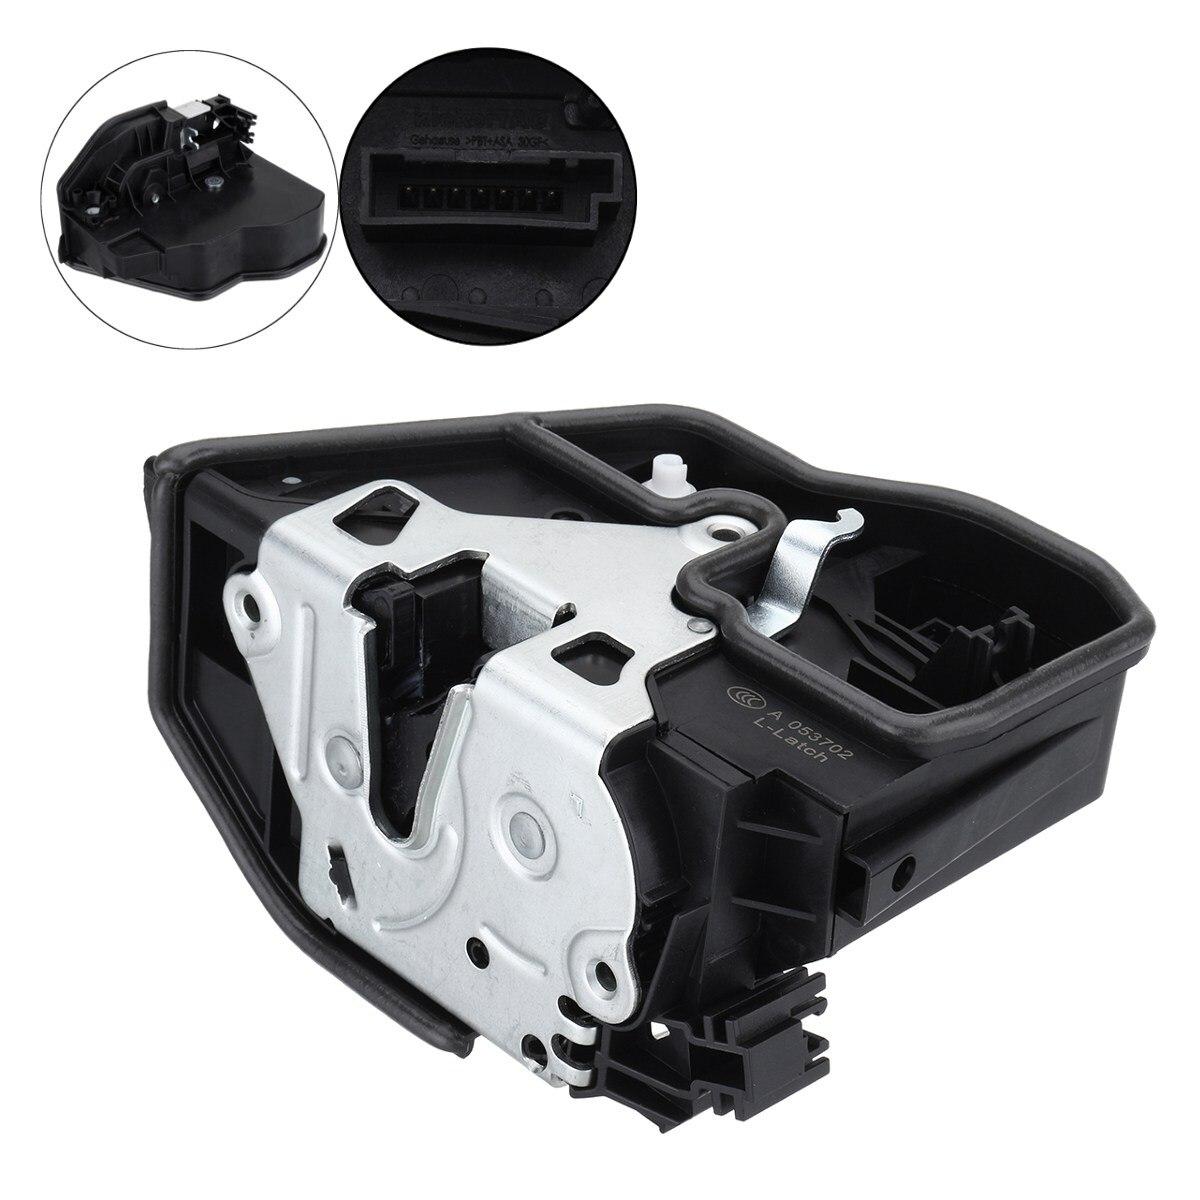 Actionneur électrique de verrou de porte de puissance pour BMW X6 E60 E70 E90 OEM 51217202143 51217202146 51227202147 51227202148 - 2